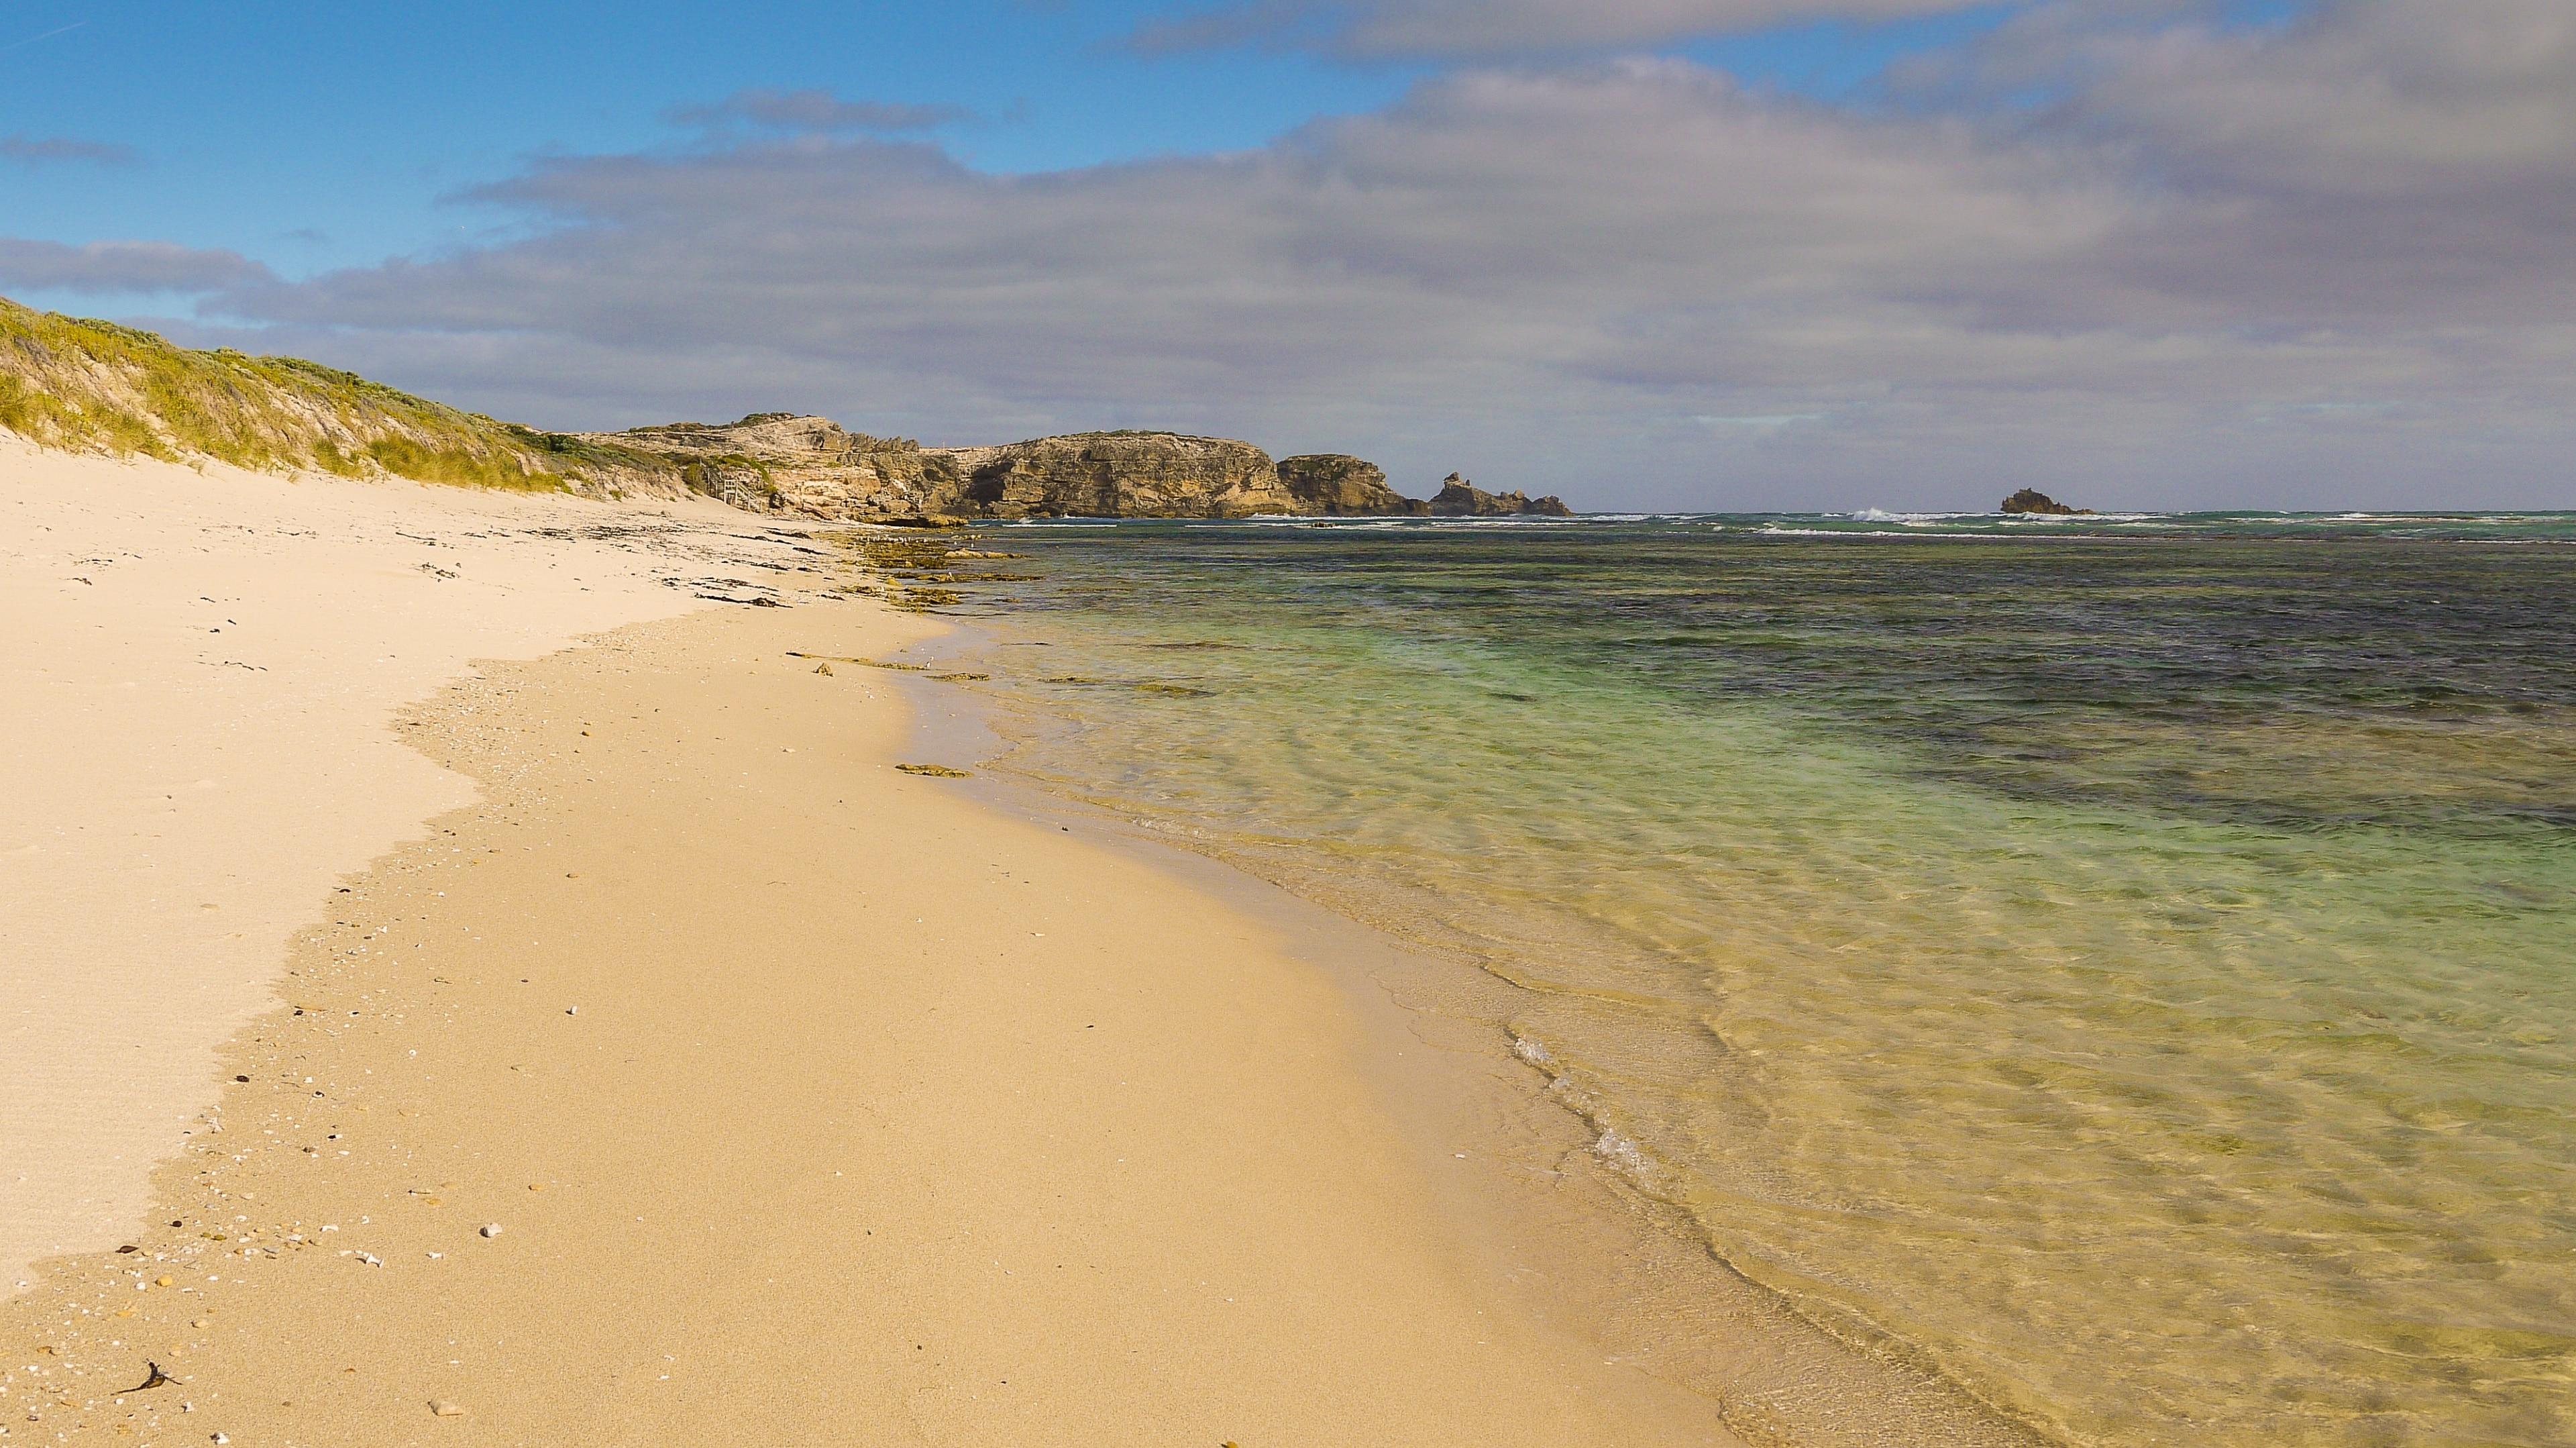 Port Macdonnell, South Australia, Australia